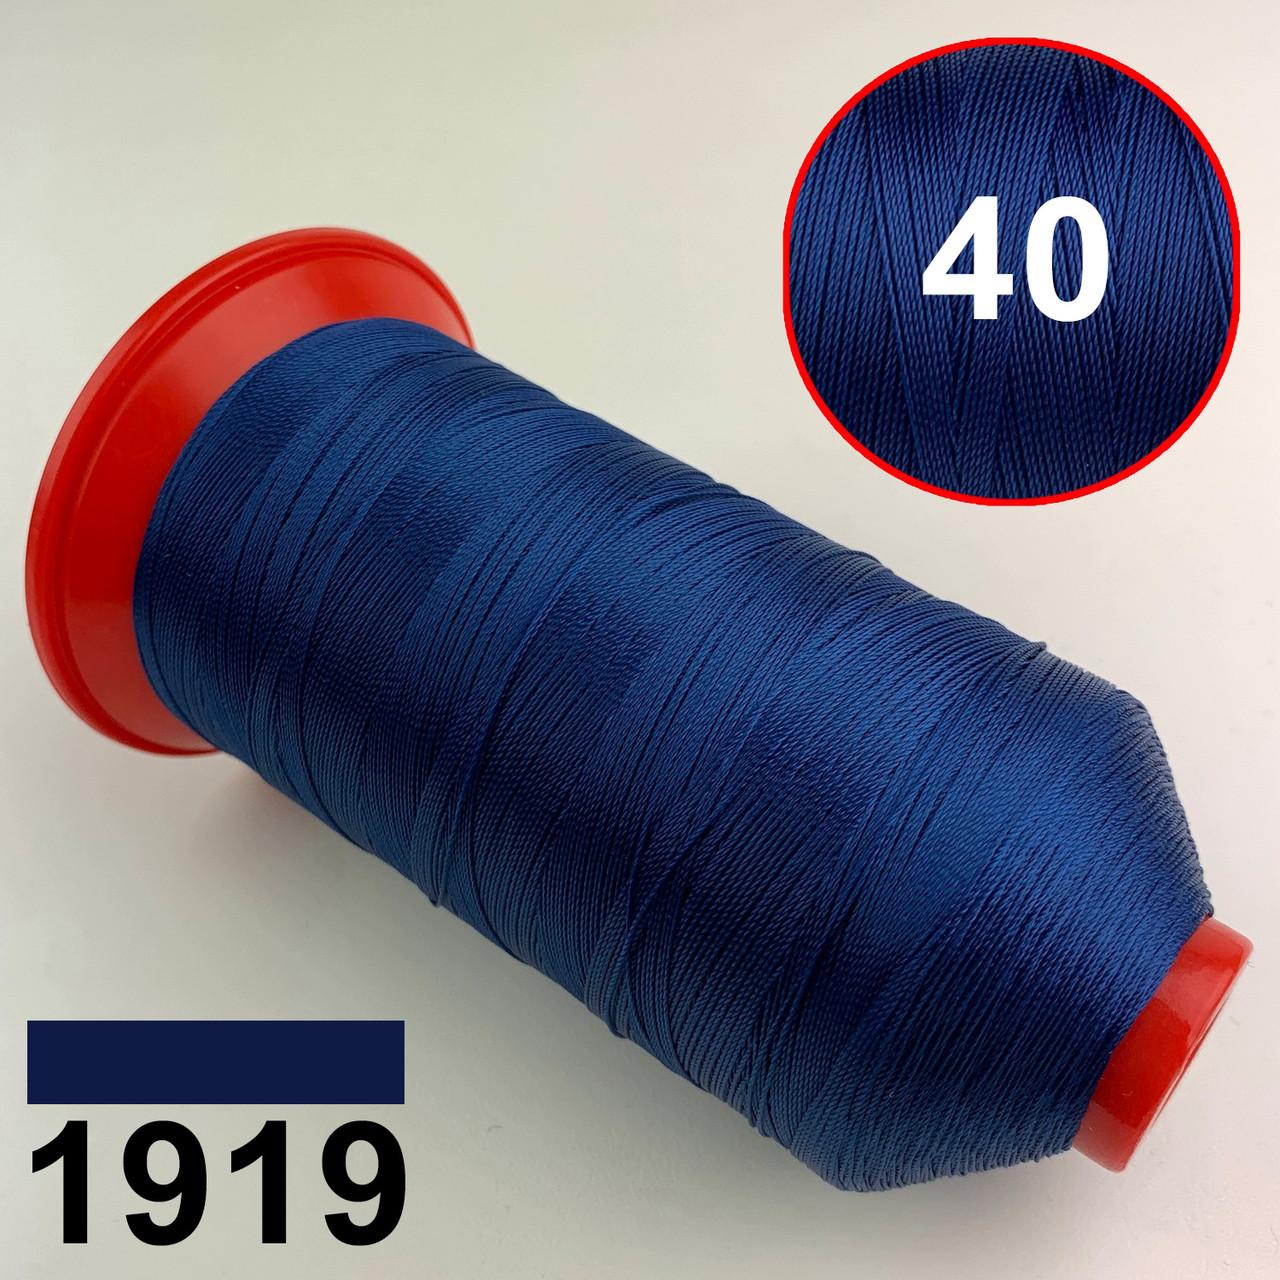 Нитка POLYART(ПОЛИАРТ) N40 колір 1919 темно-синій, для пошиття чохлів на автомобільні сидіння і кермо, 3000м